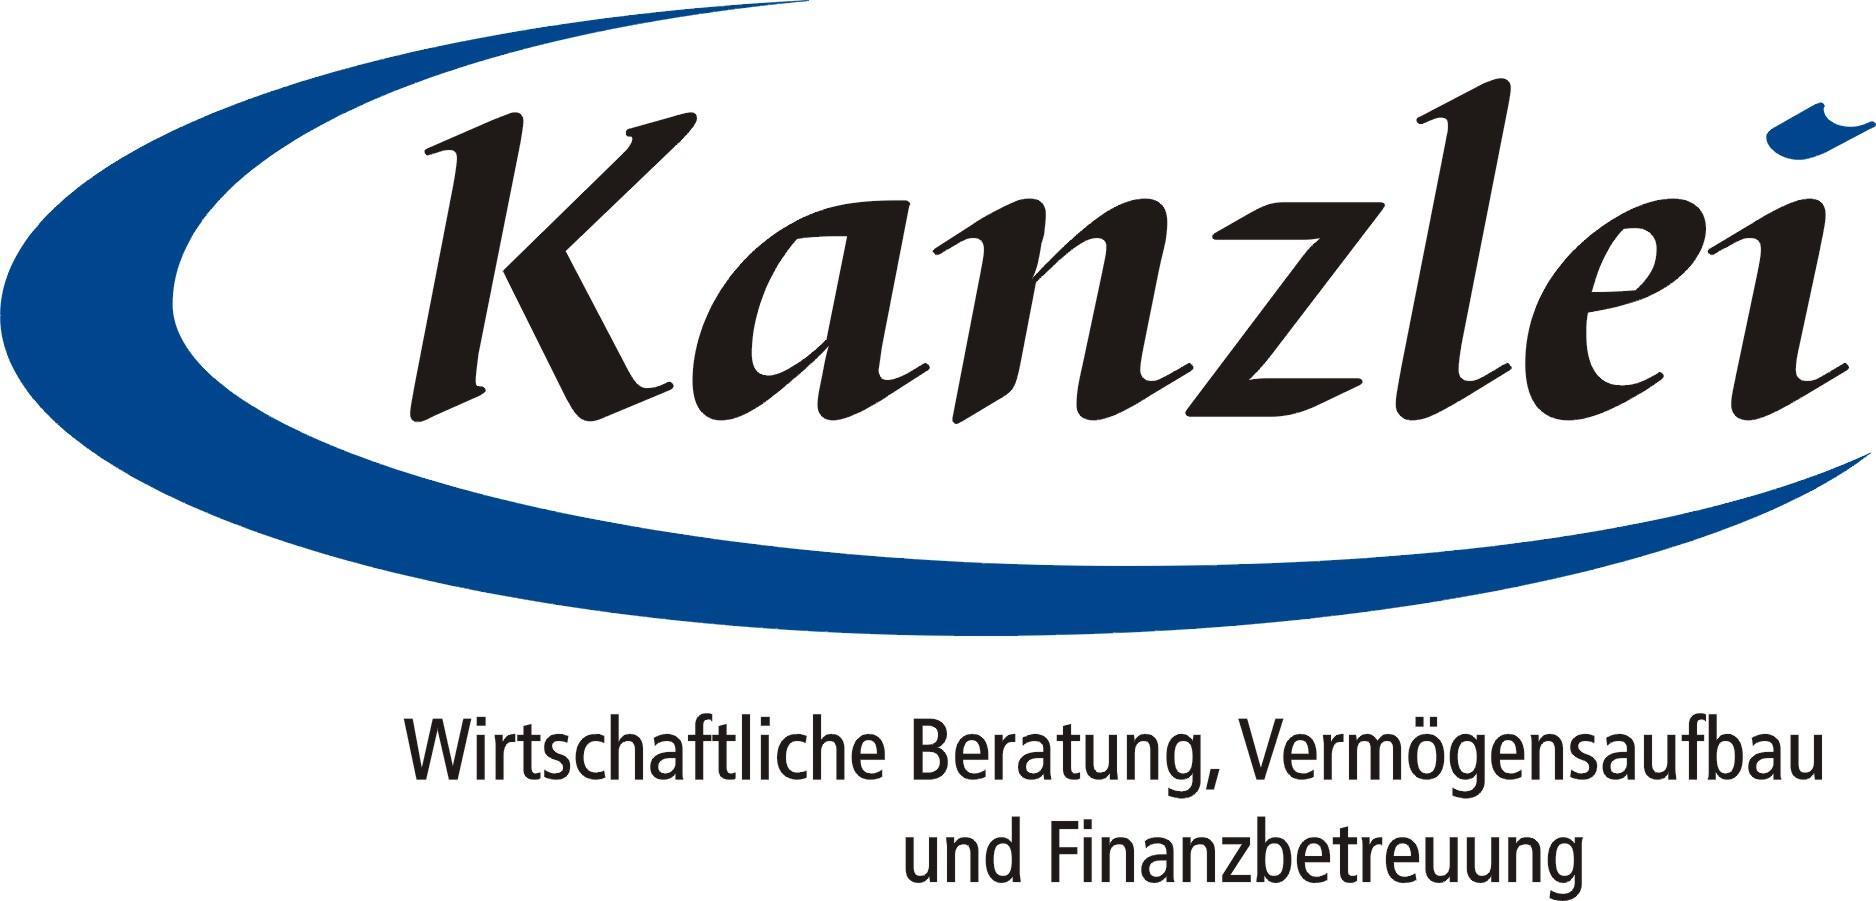 Kanzlei GmbH